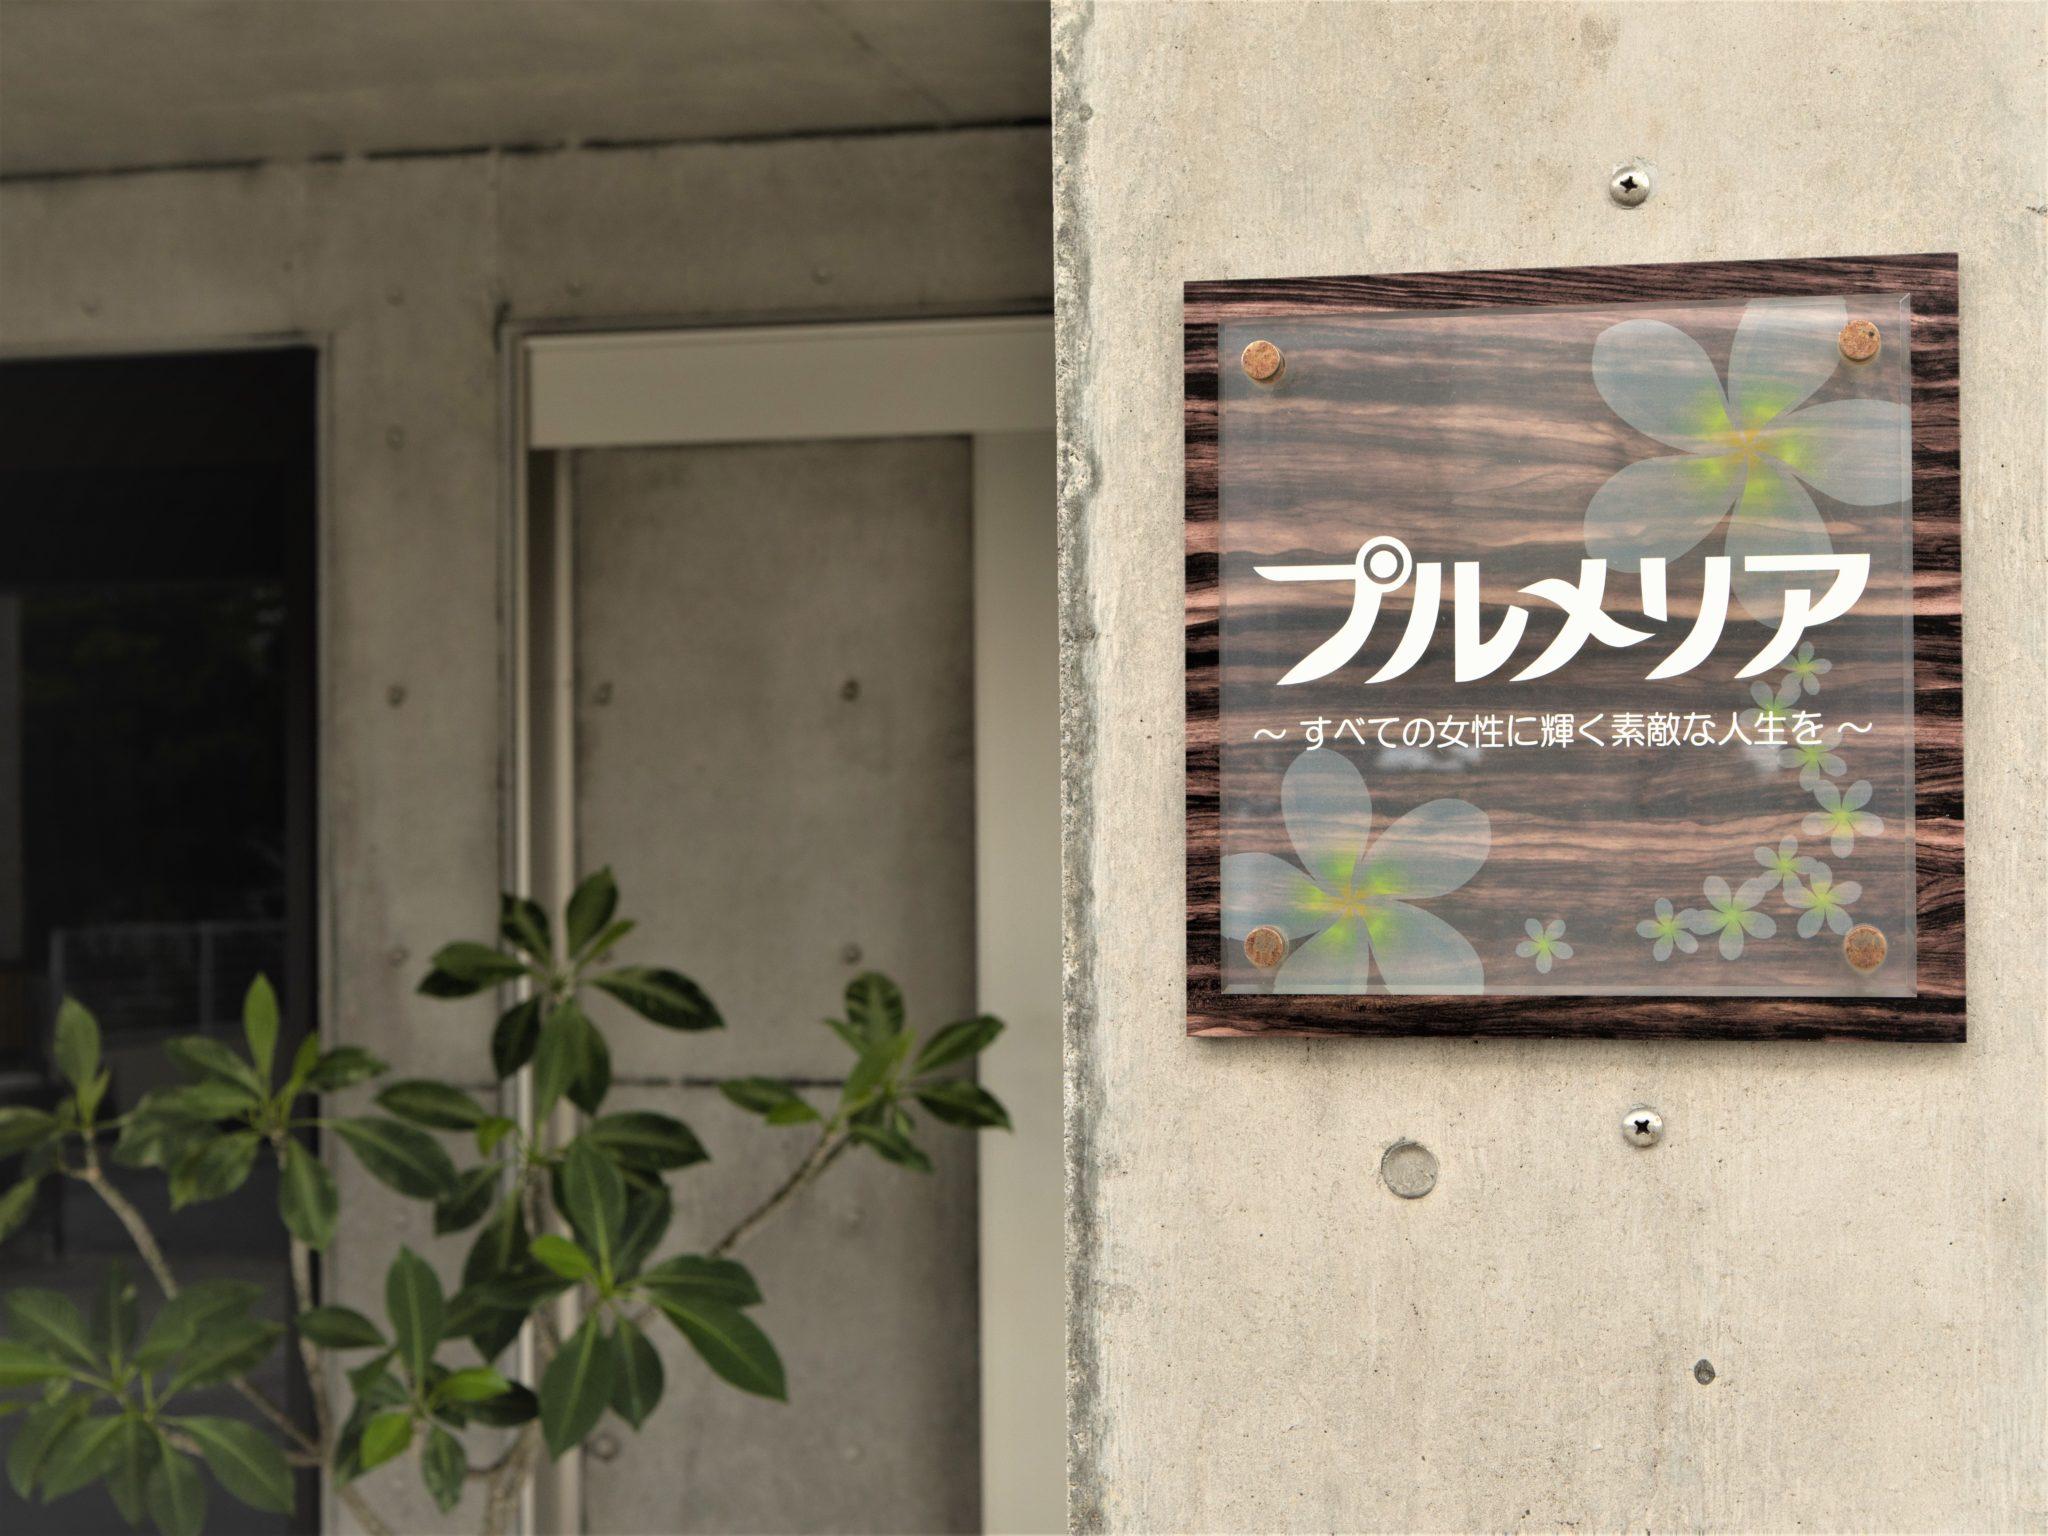 沖縄県の助産院なら助産院プルメリア